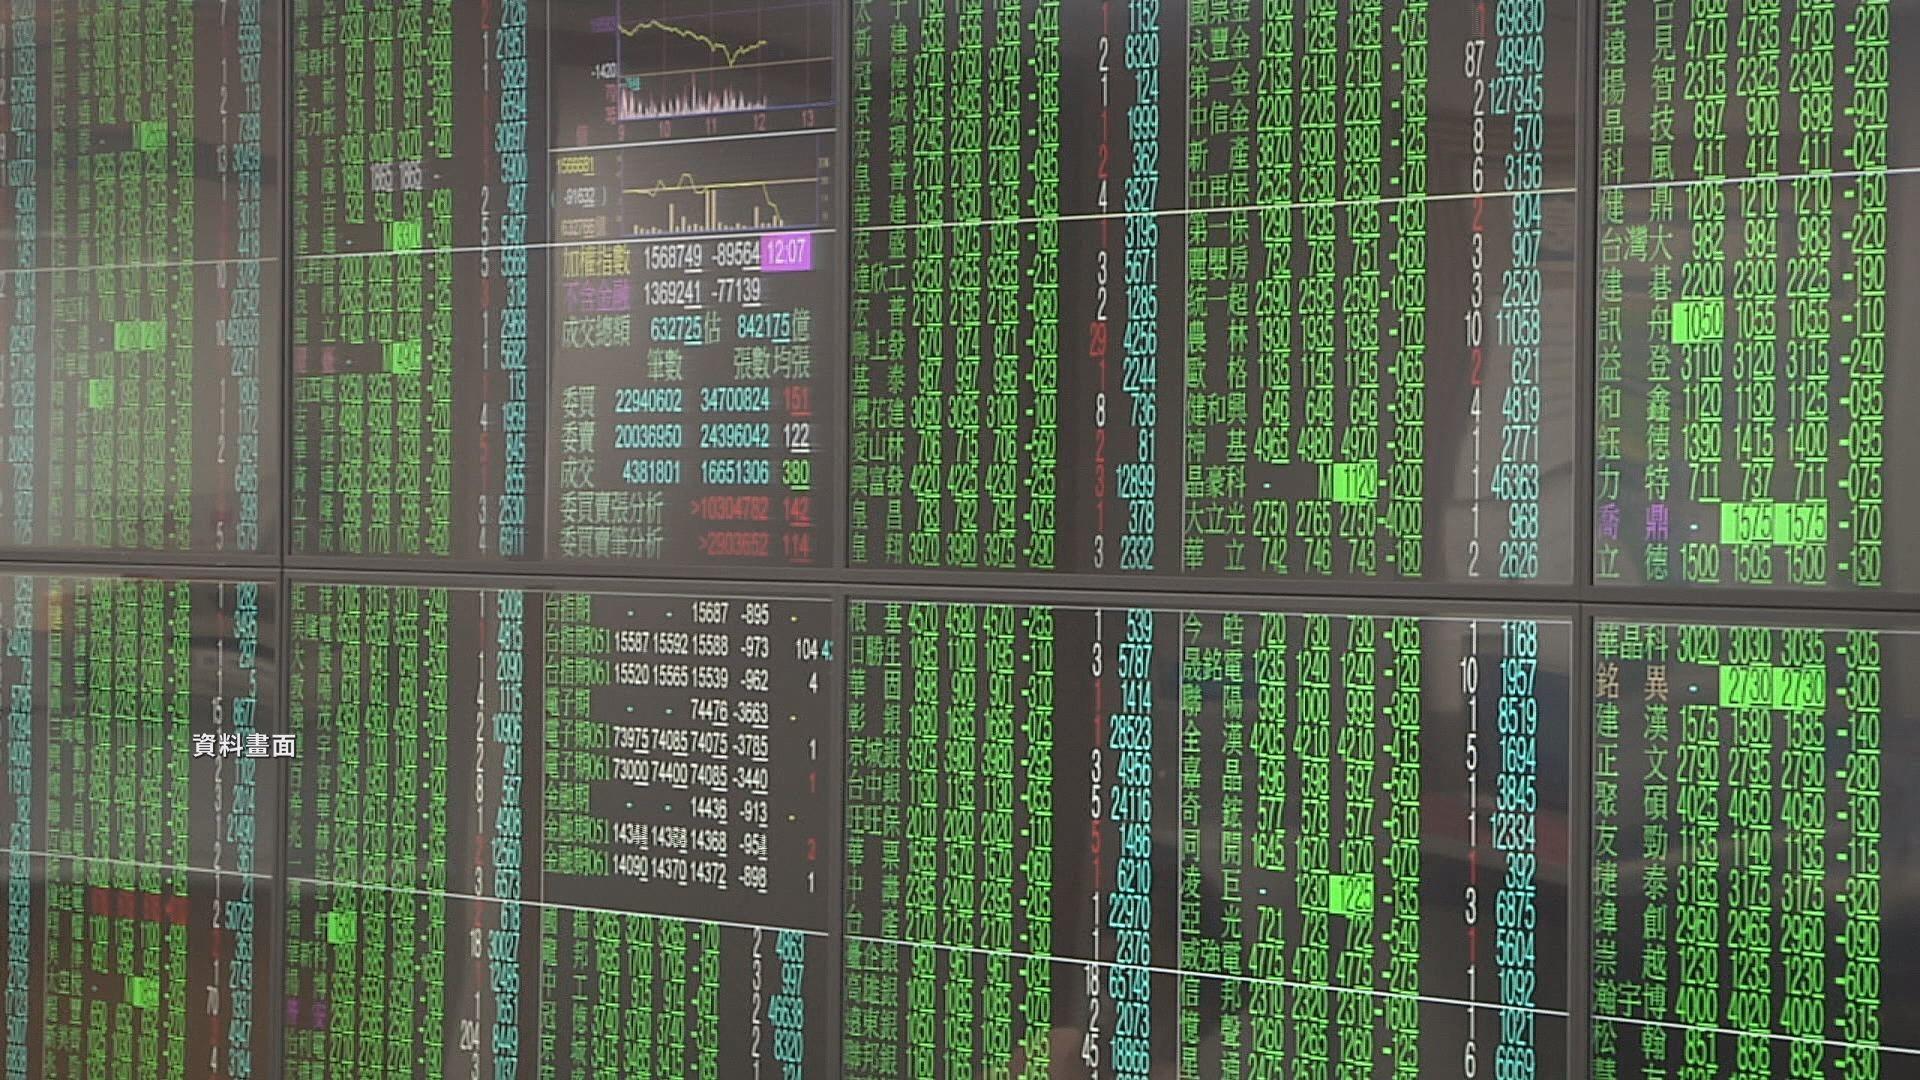 台股下跌40點開出 直接摜破半年線